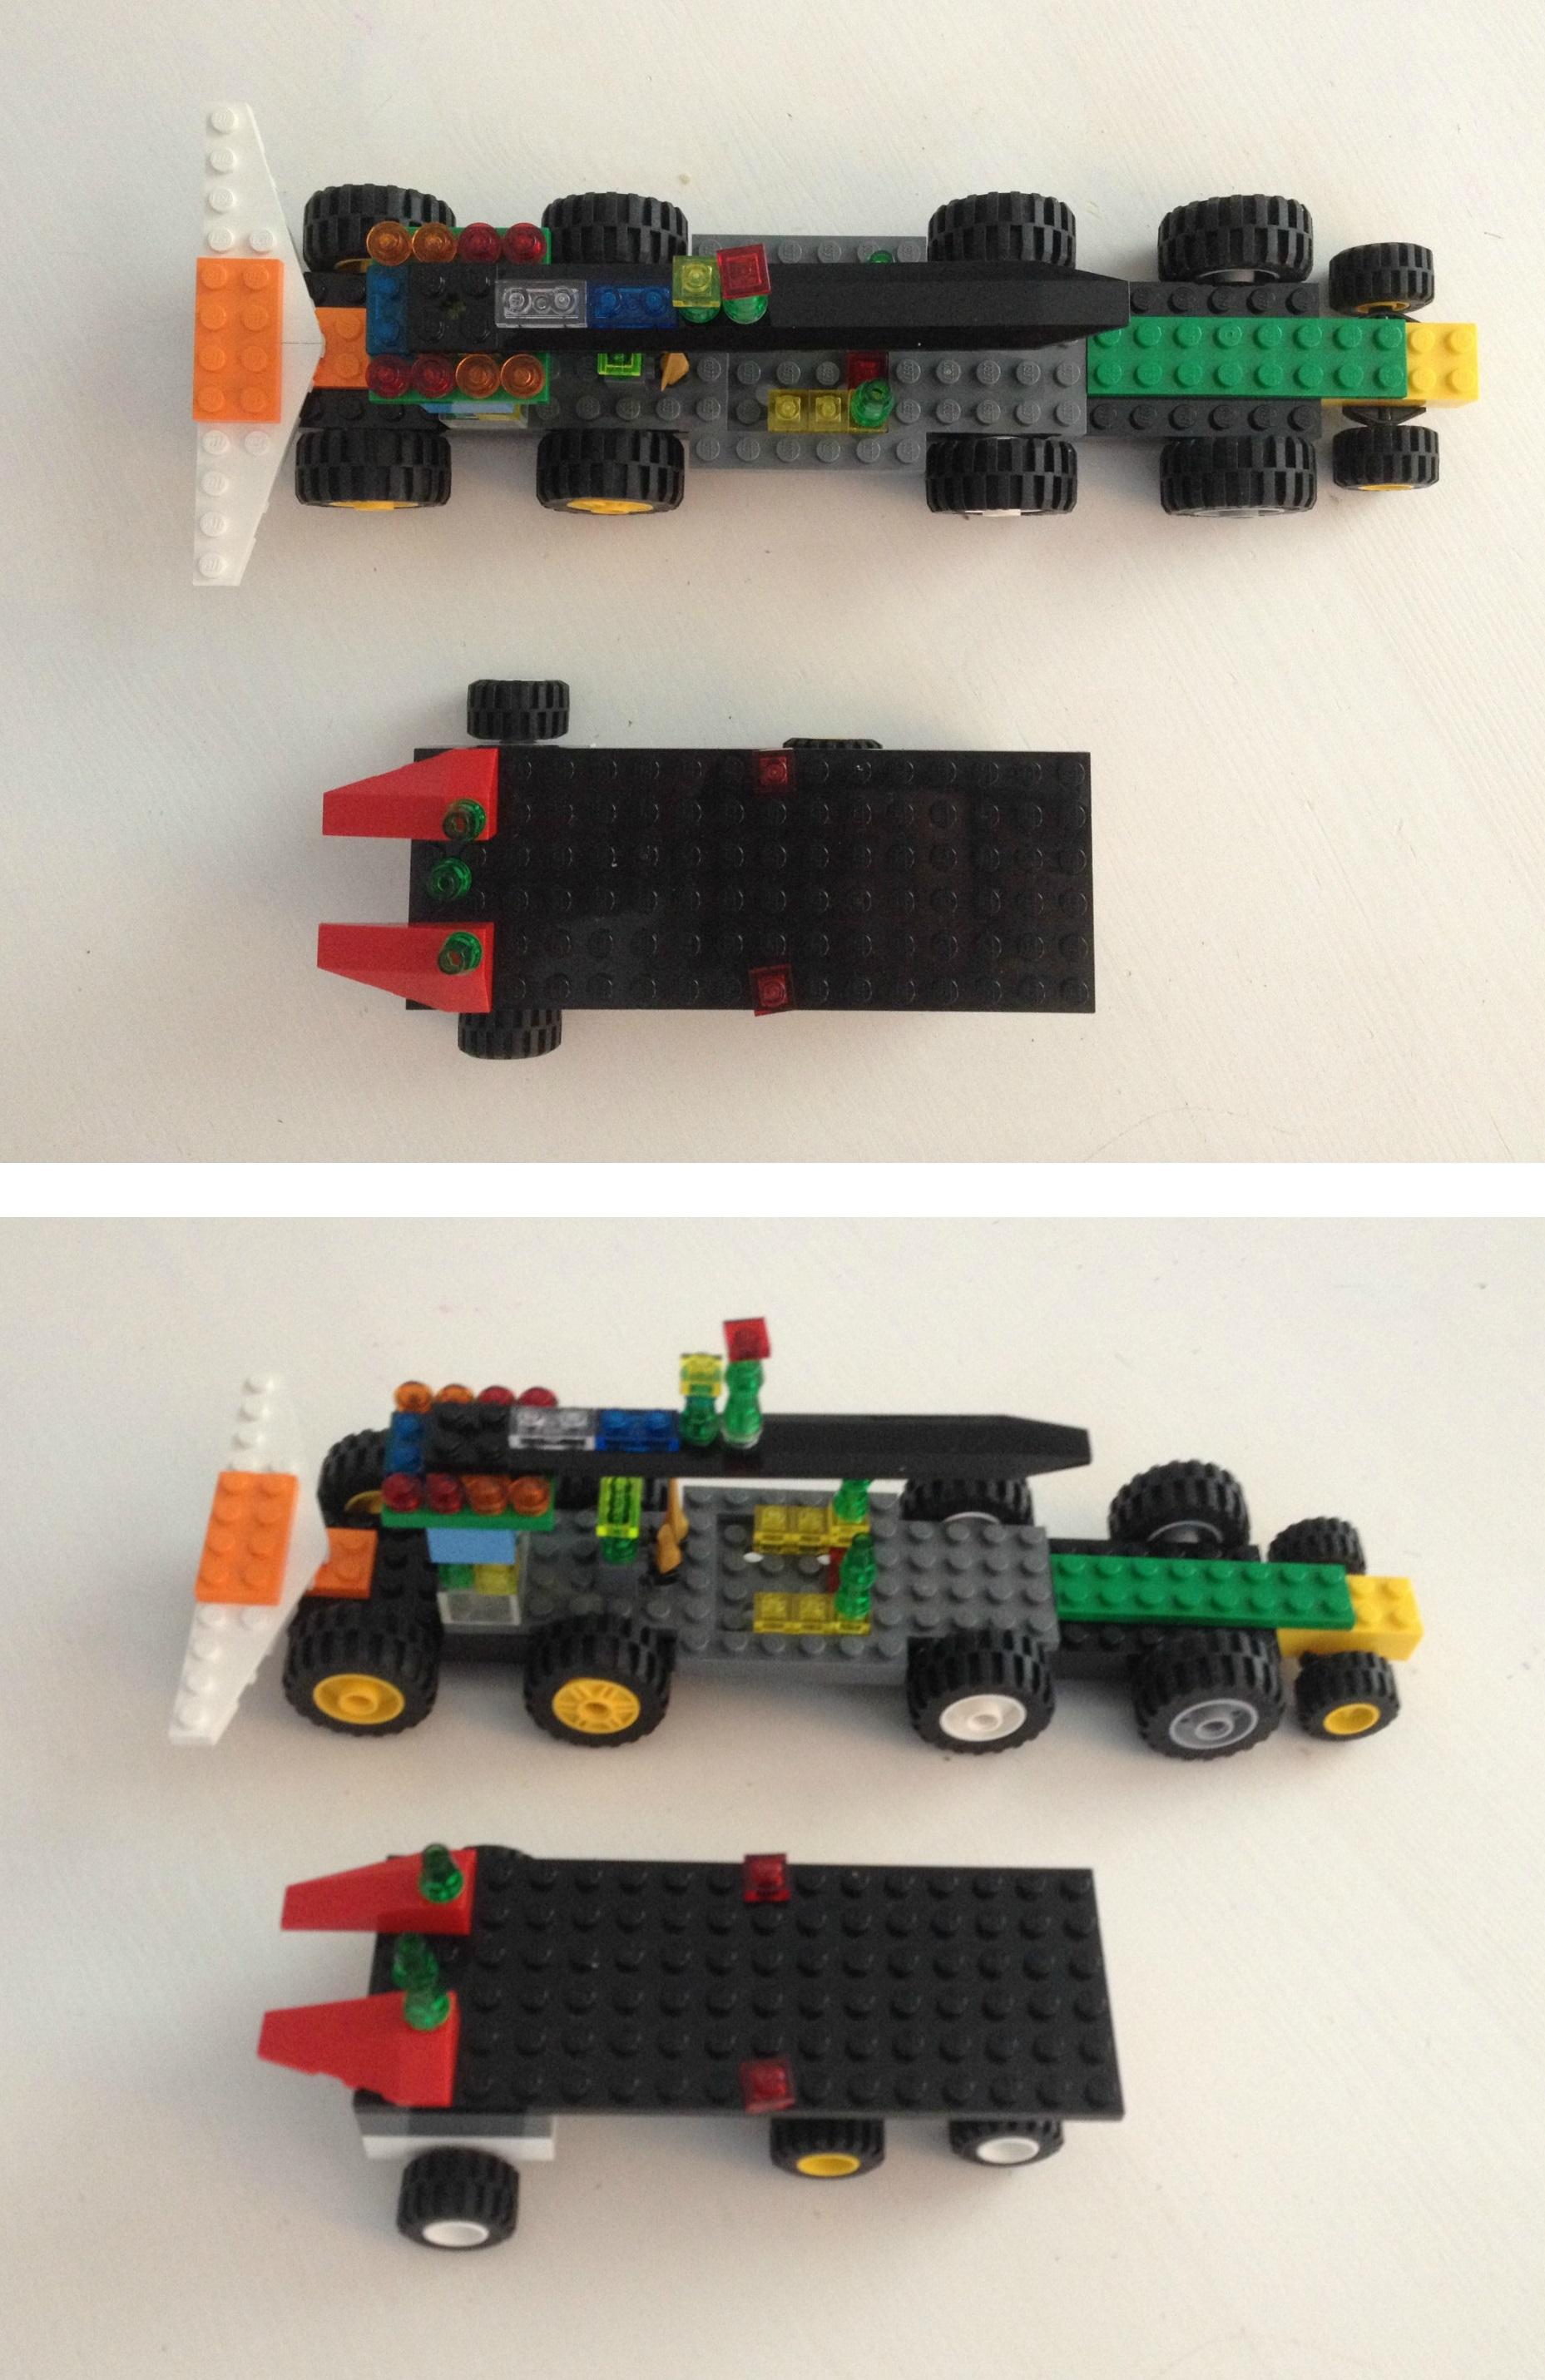 Lego: Brief versus Design